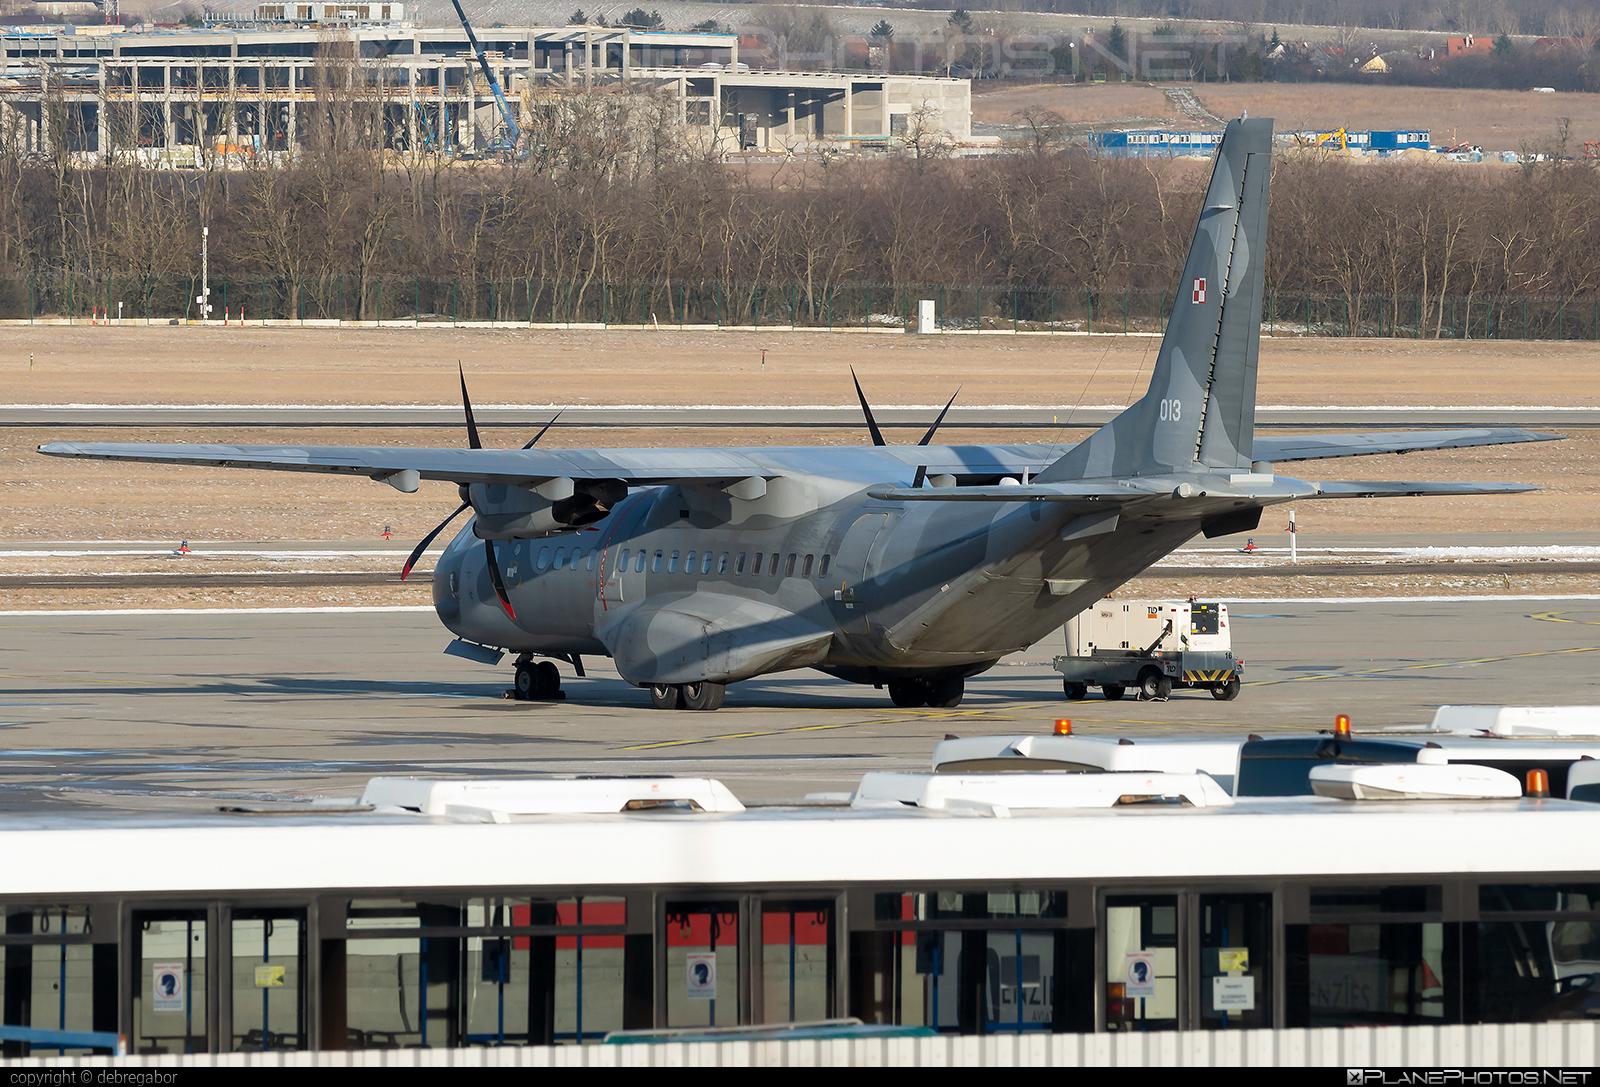 CASA 295M - 013 operated by Siły Powietrzne Rzeczypospolitej Polskiej (Polish Air Force) #casa #casa295 #casa295m #polishairforce #silypowietrzne